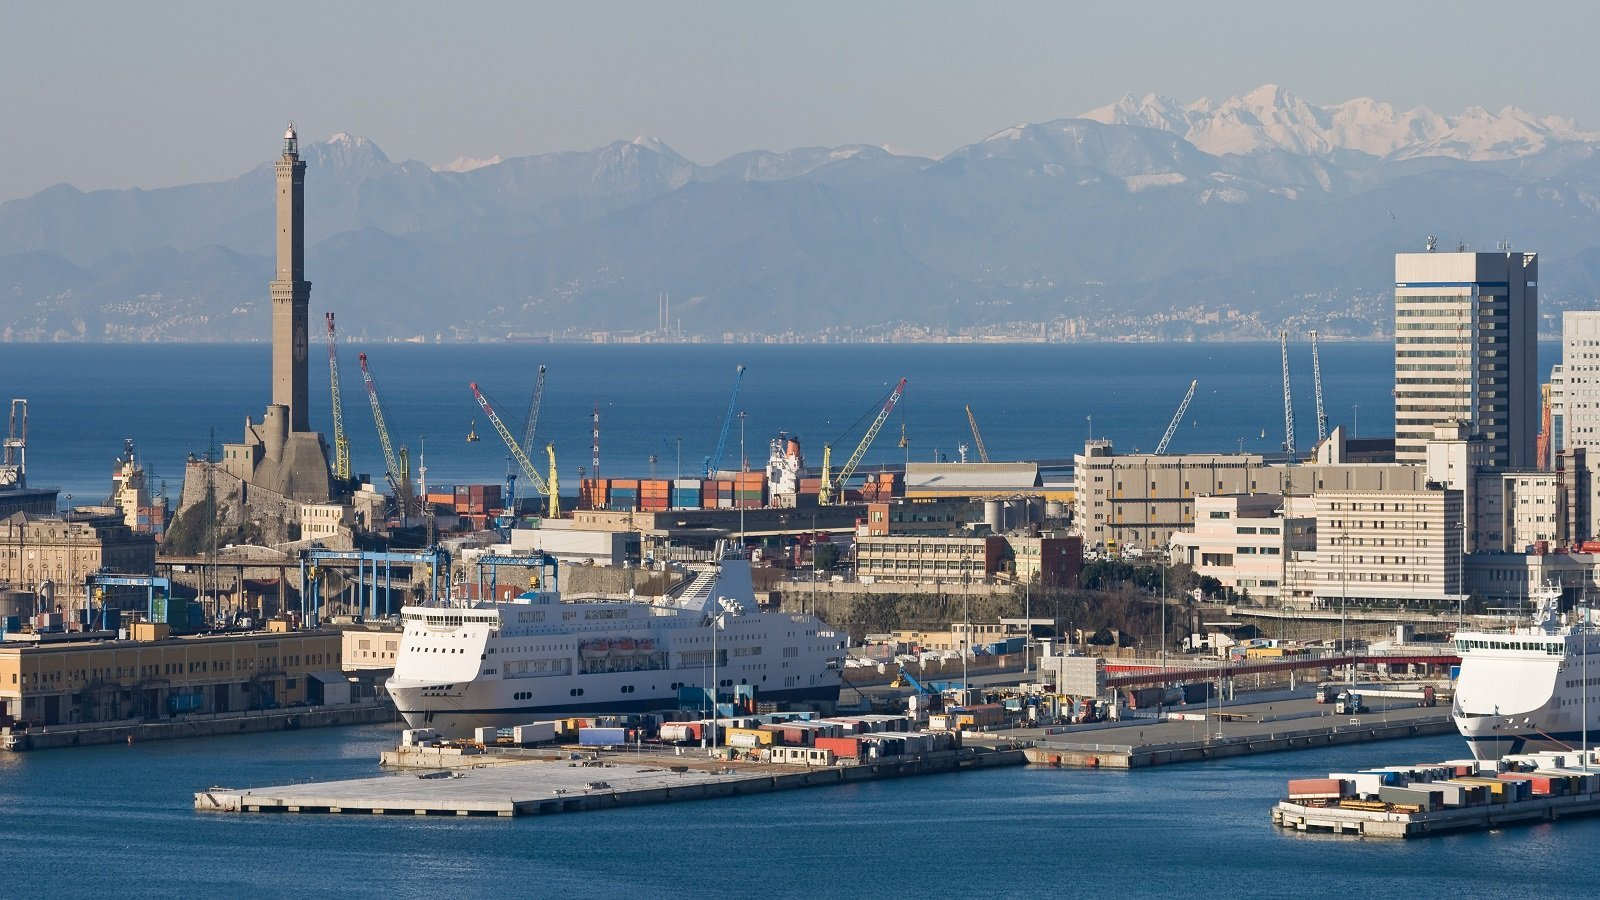 una nave al porto, delle gru  e vista di una citta'